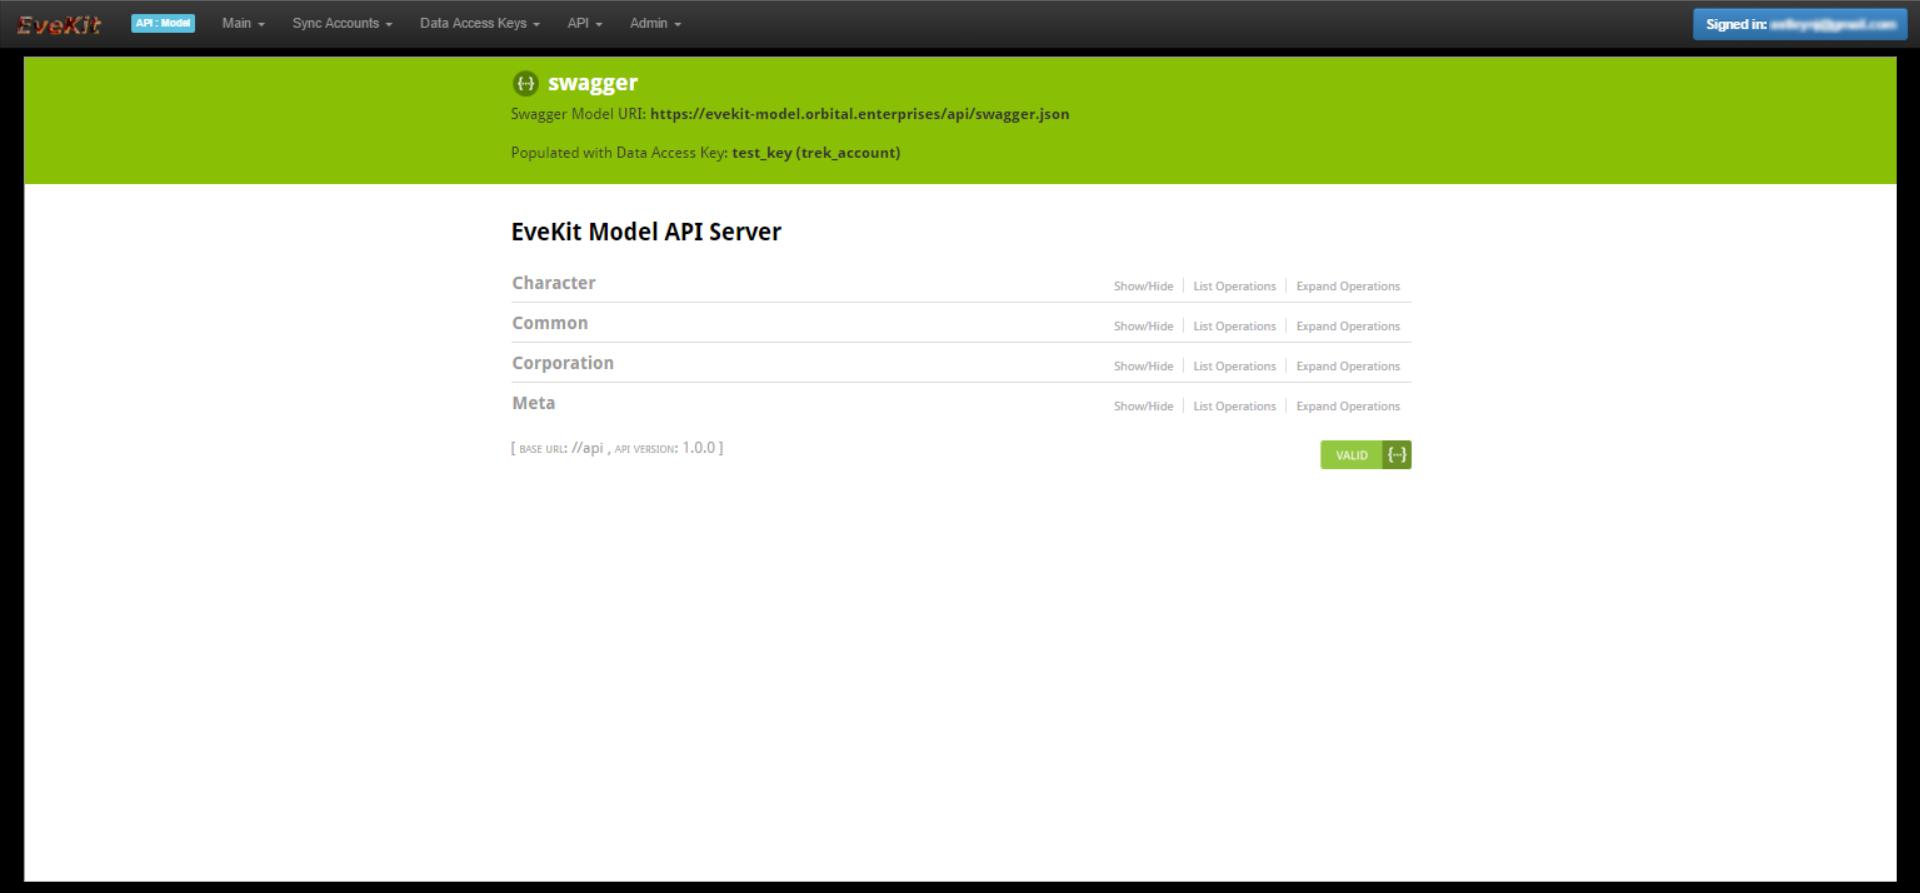 EveKit Model API Browser Screen